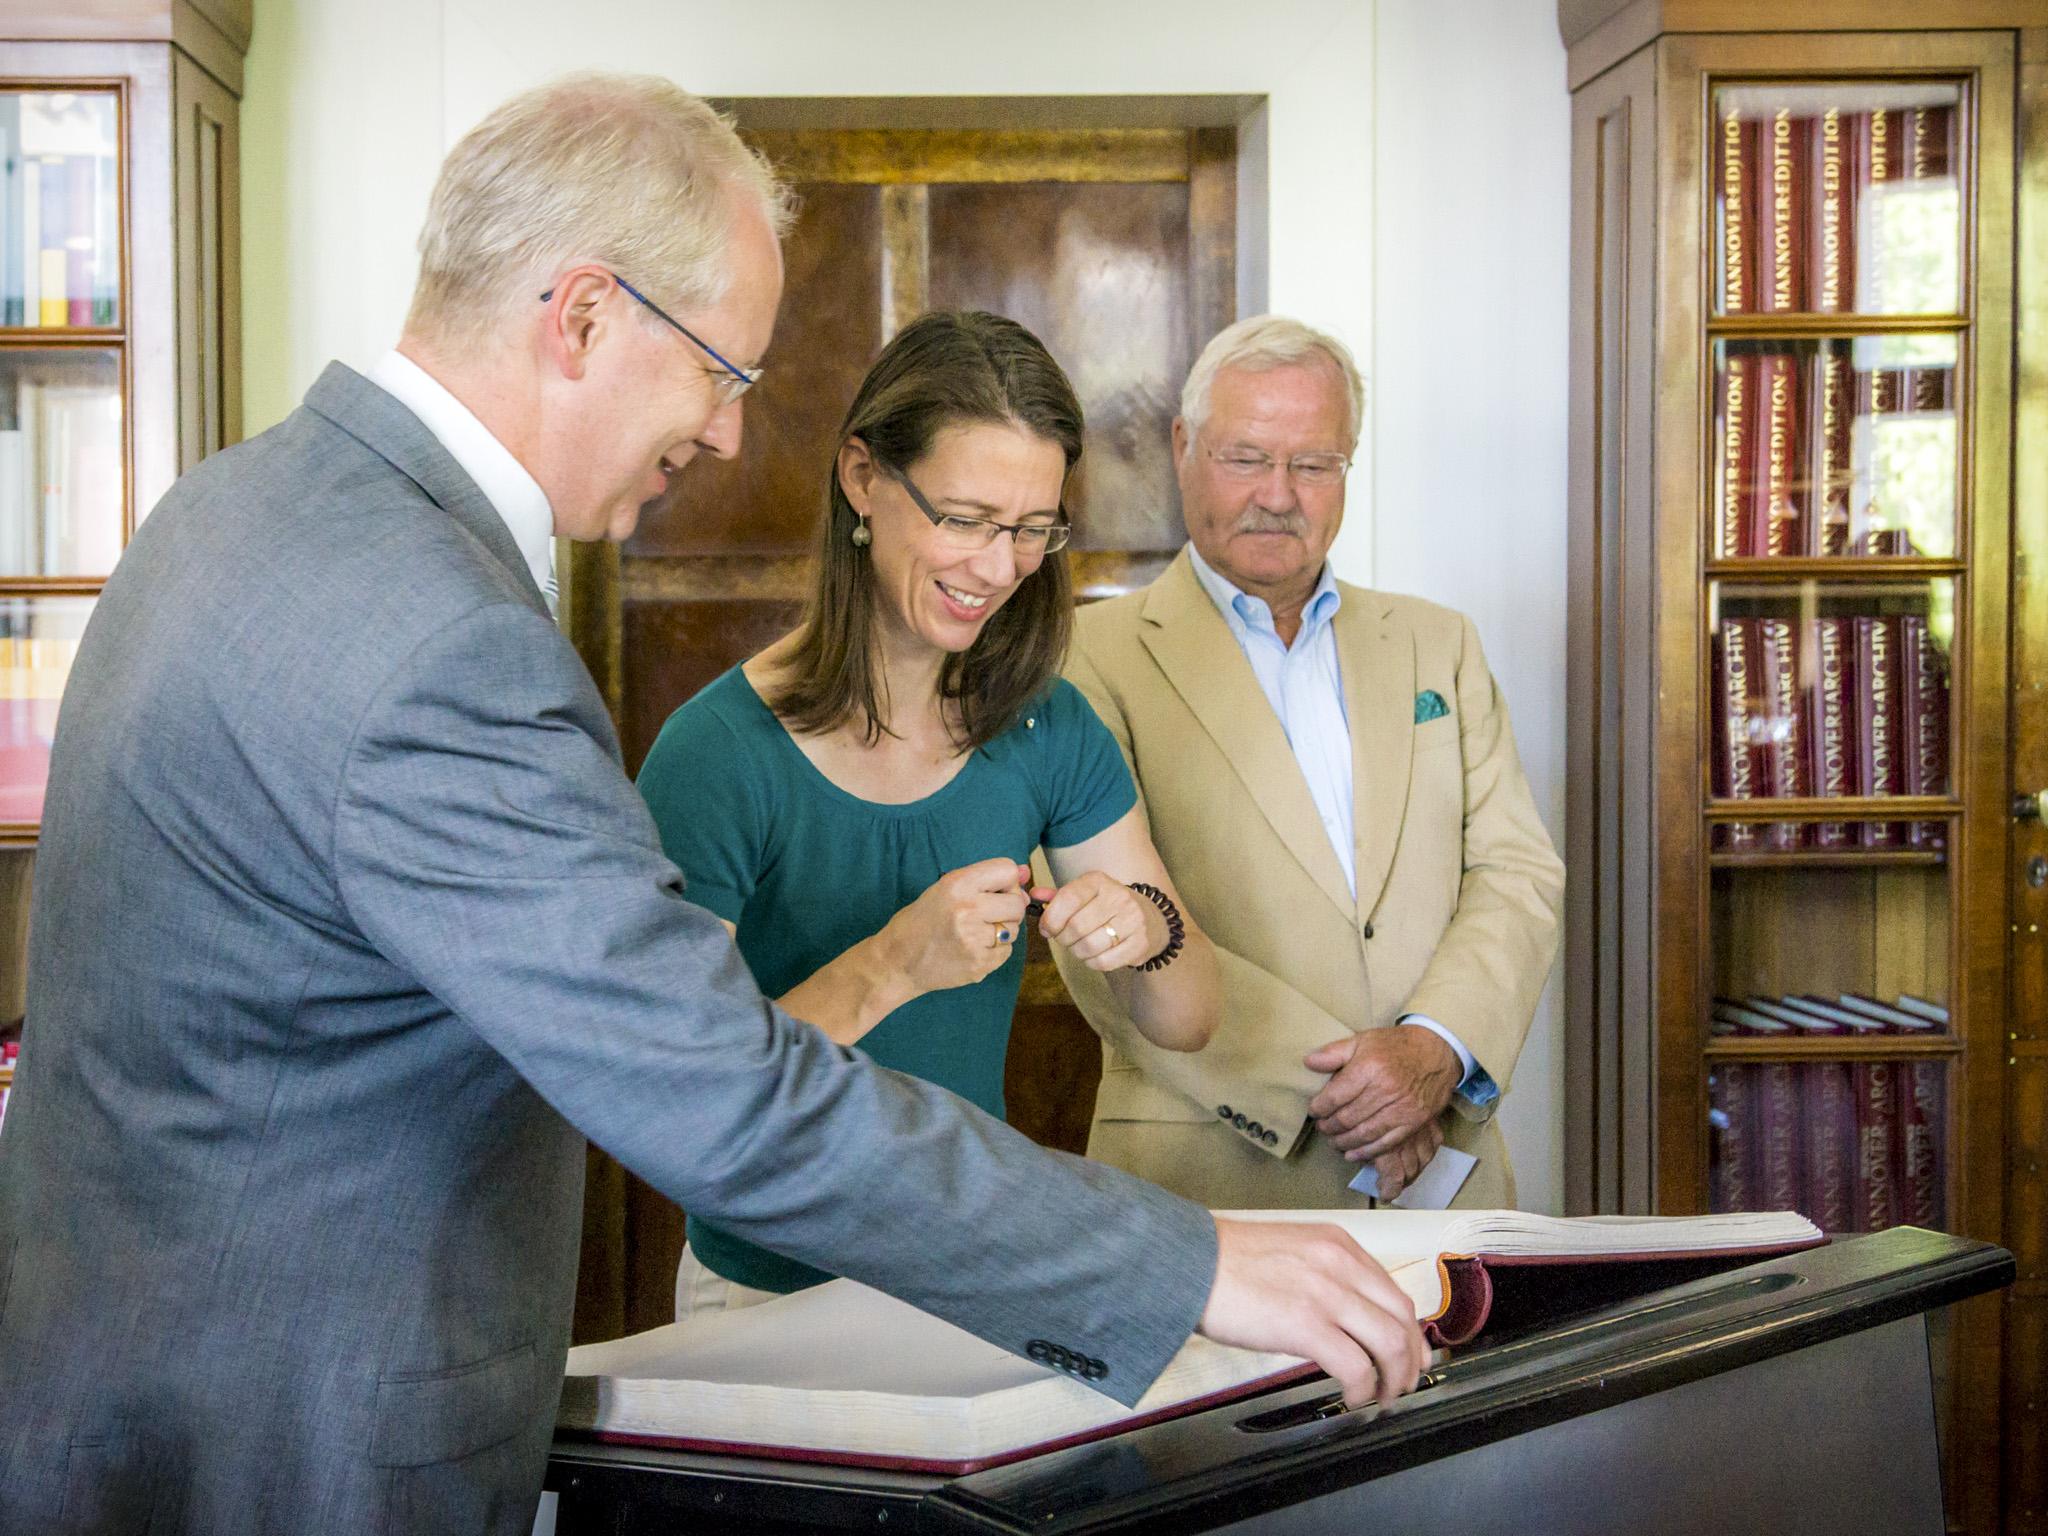 Oberbürgermeister Stefan Schostok, Bettina Gräfin Bernadotte und Sepp Heckmann, 1. Vorsitzender der Freunde der Herrenhäuser Gärten e.V.